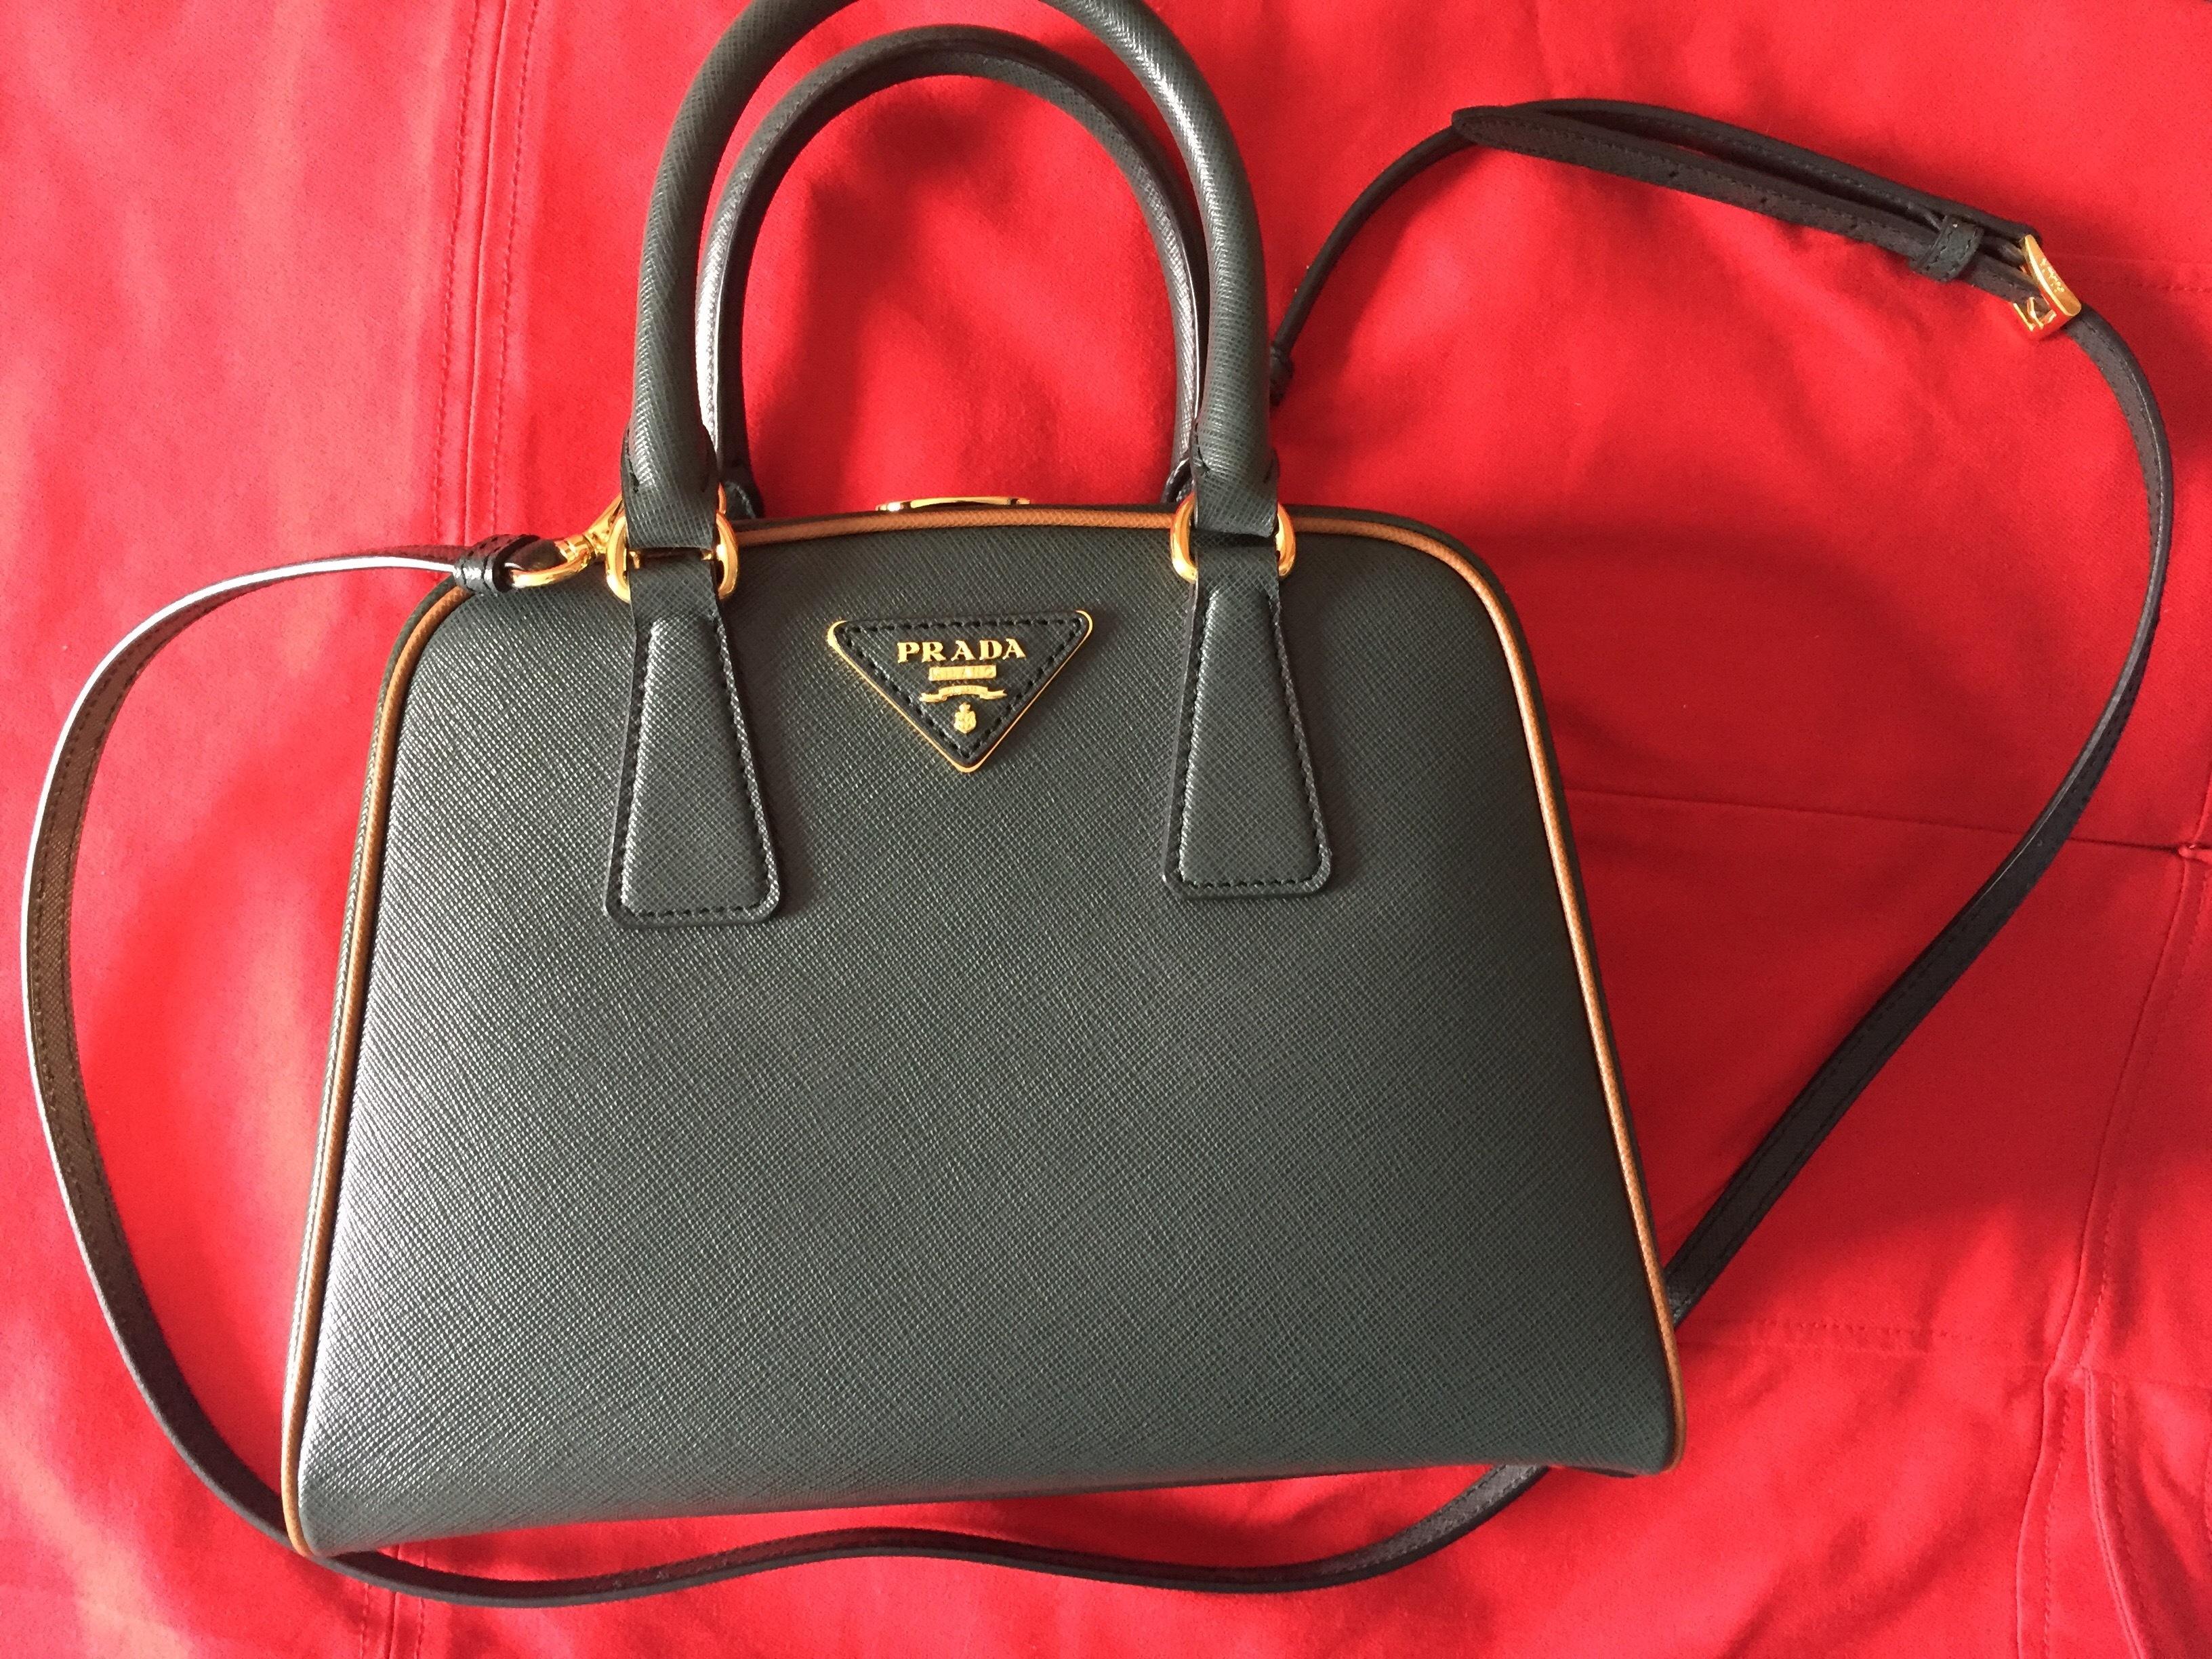 243a5623c824 Купить среднюю сумку Prada за 171570 руб. в интернет магазине ...